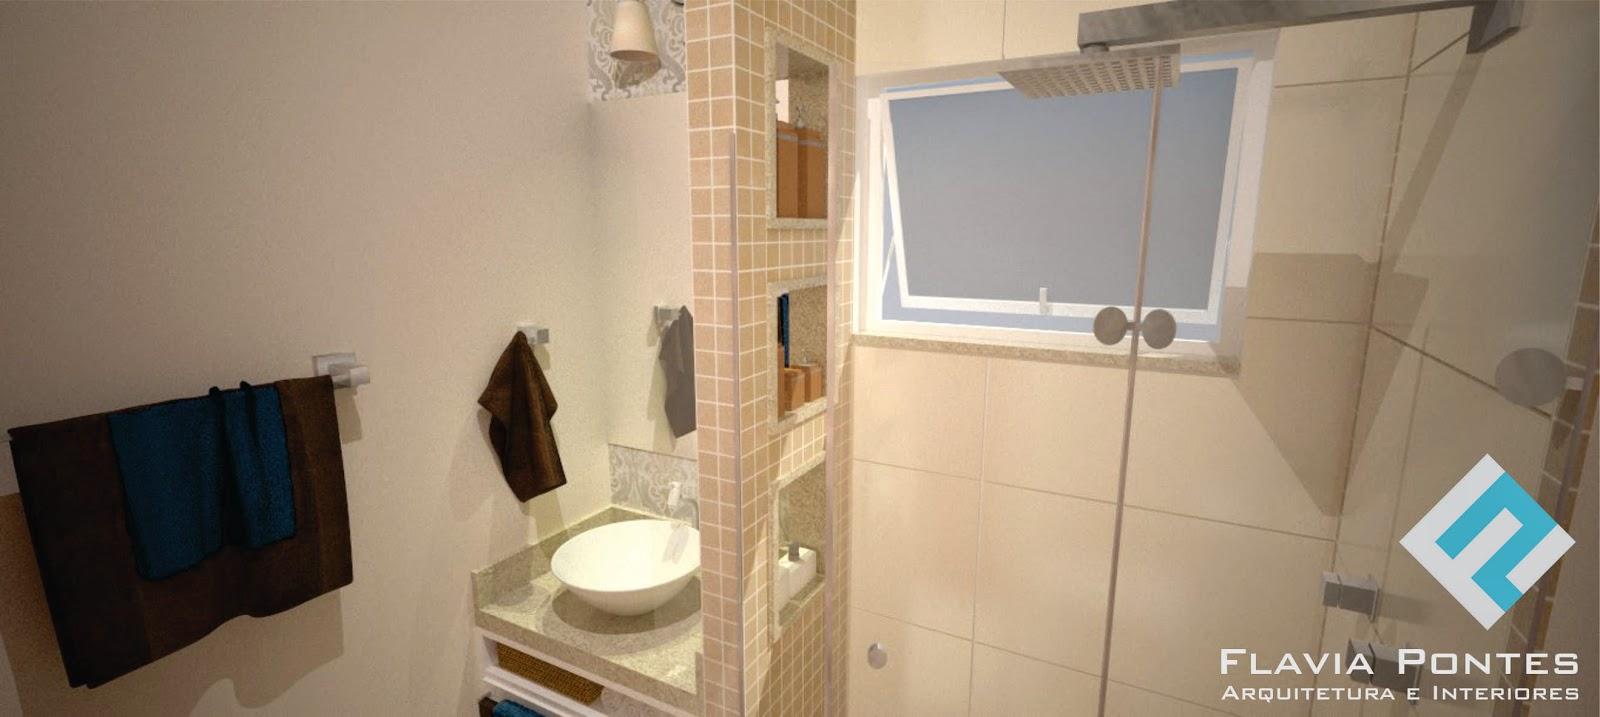 Flavia Pontes Arquitetura Fevereiro 2015 -> Banheiro Pequeno Creme